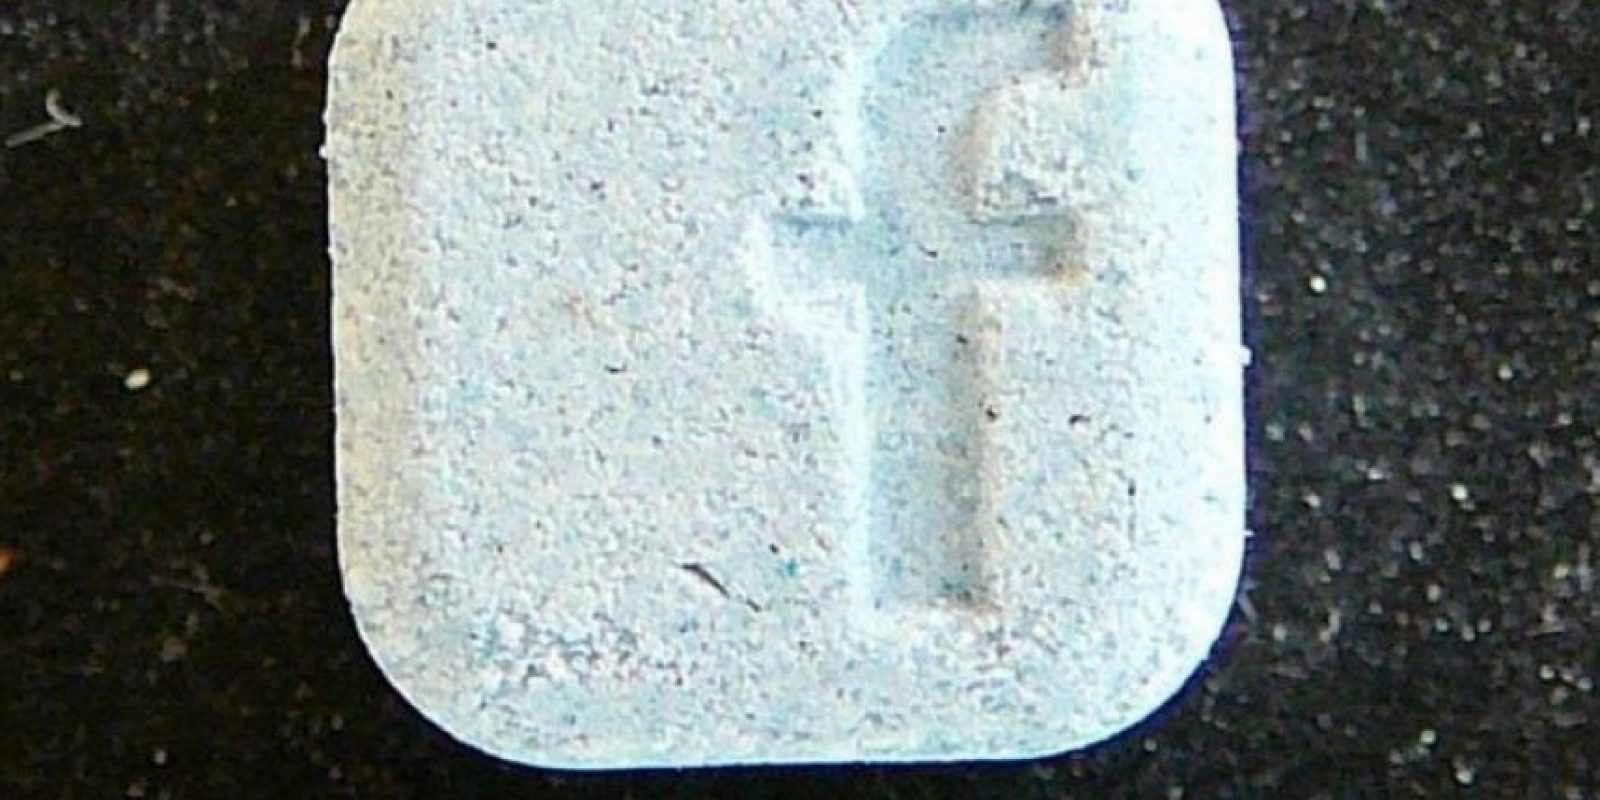 Esta droga se parece al logotipo de Facebook y es peligrosa para quienes la consumen. Foto:Facebook.com/tisztiorvos